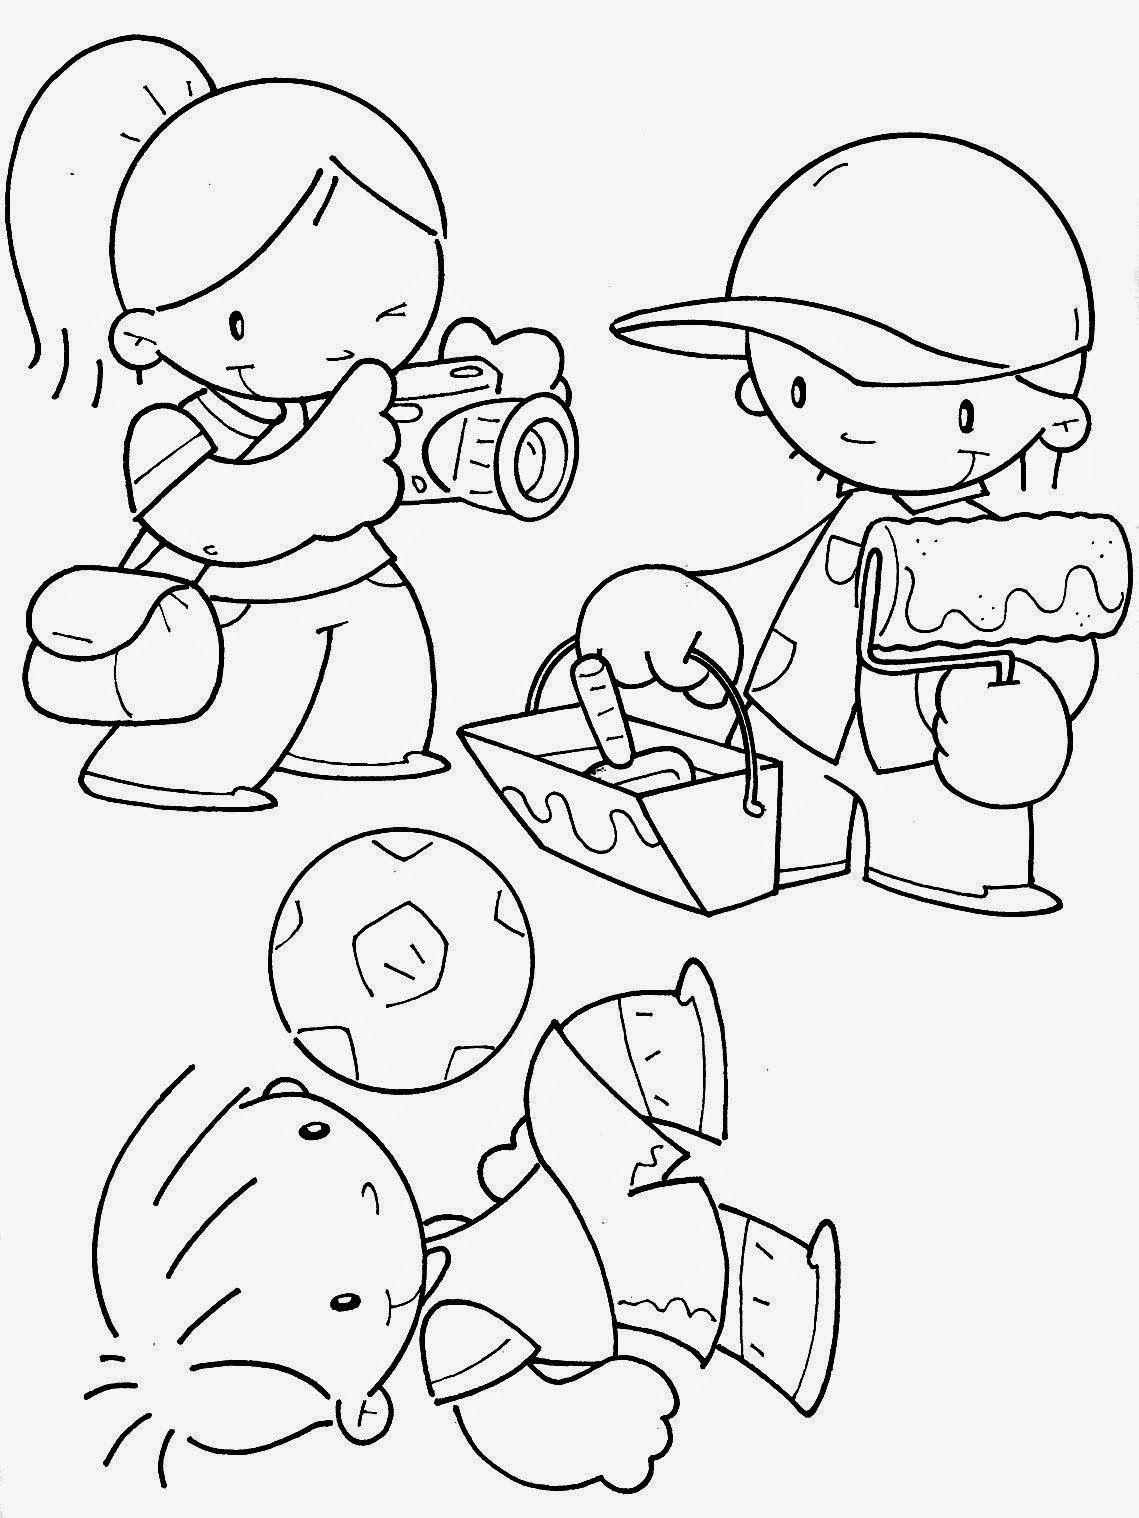 Desenho do Dia do Trabalho para colorir